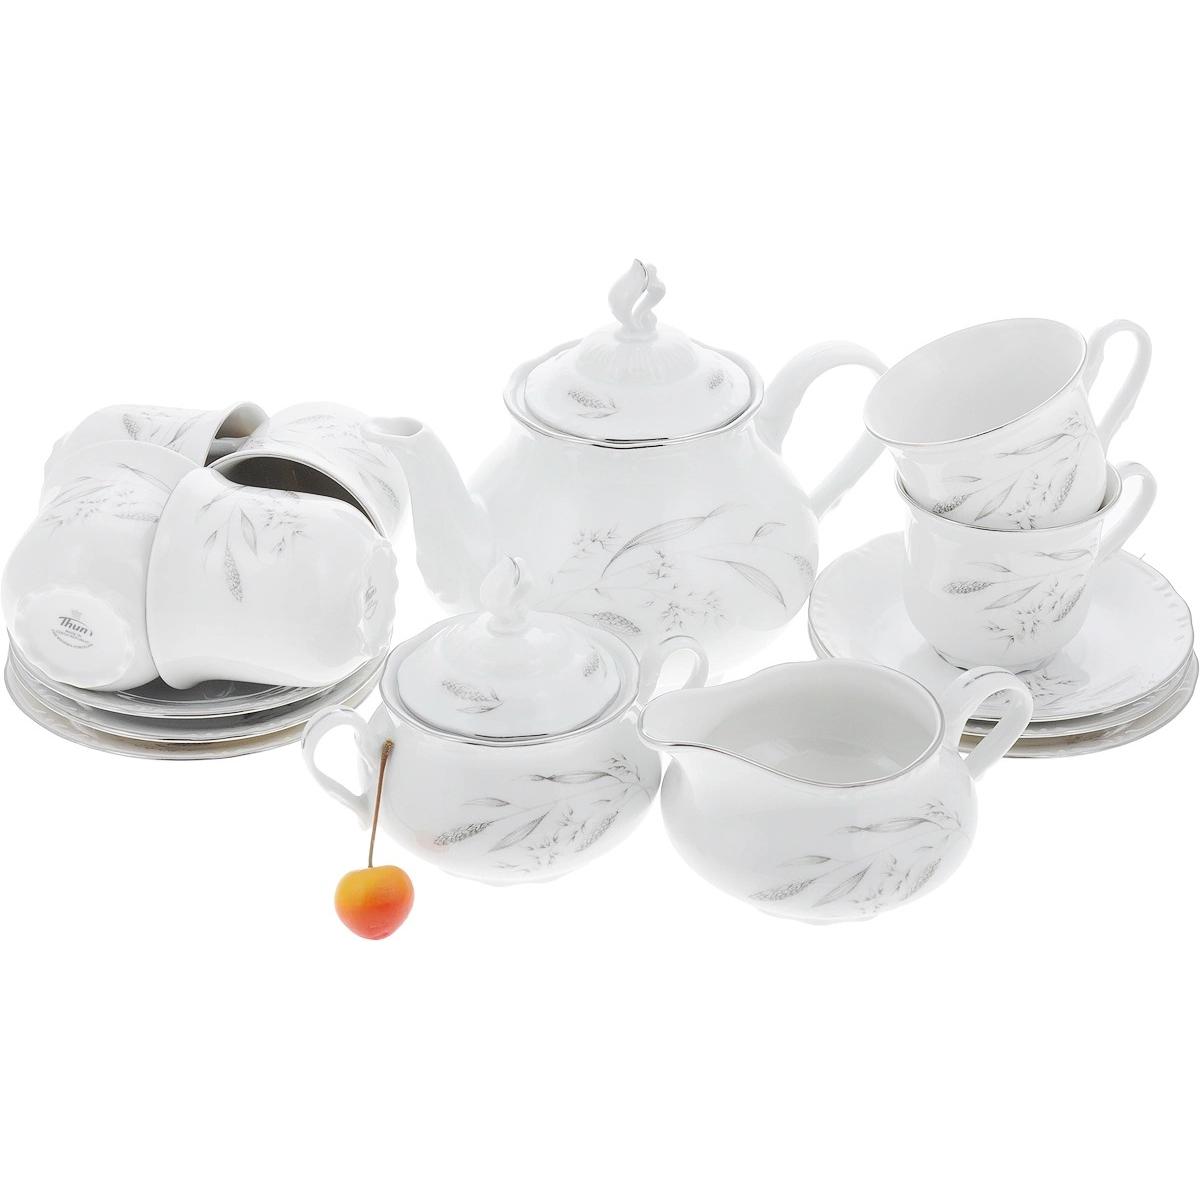 Чайный сервиз Thun 1794 6 персон 9 предметов Constance недорого